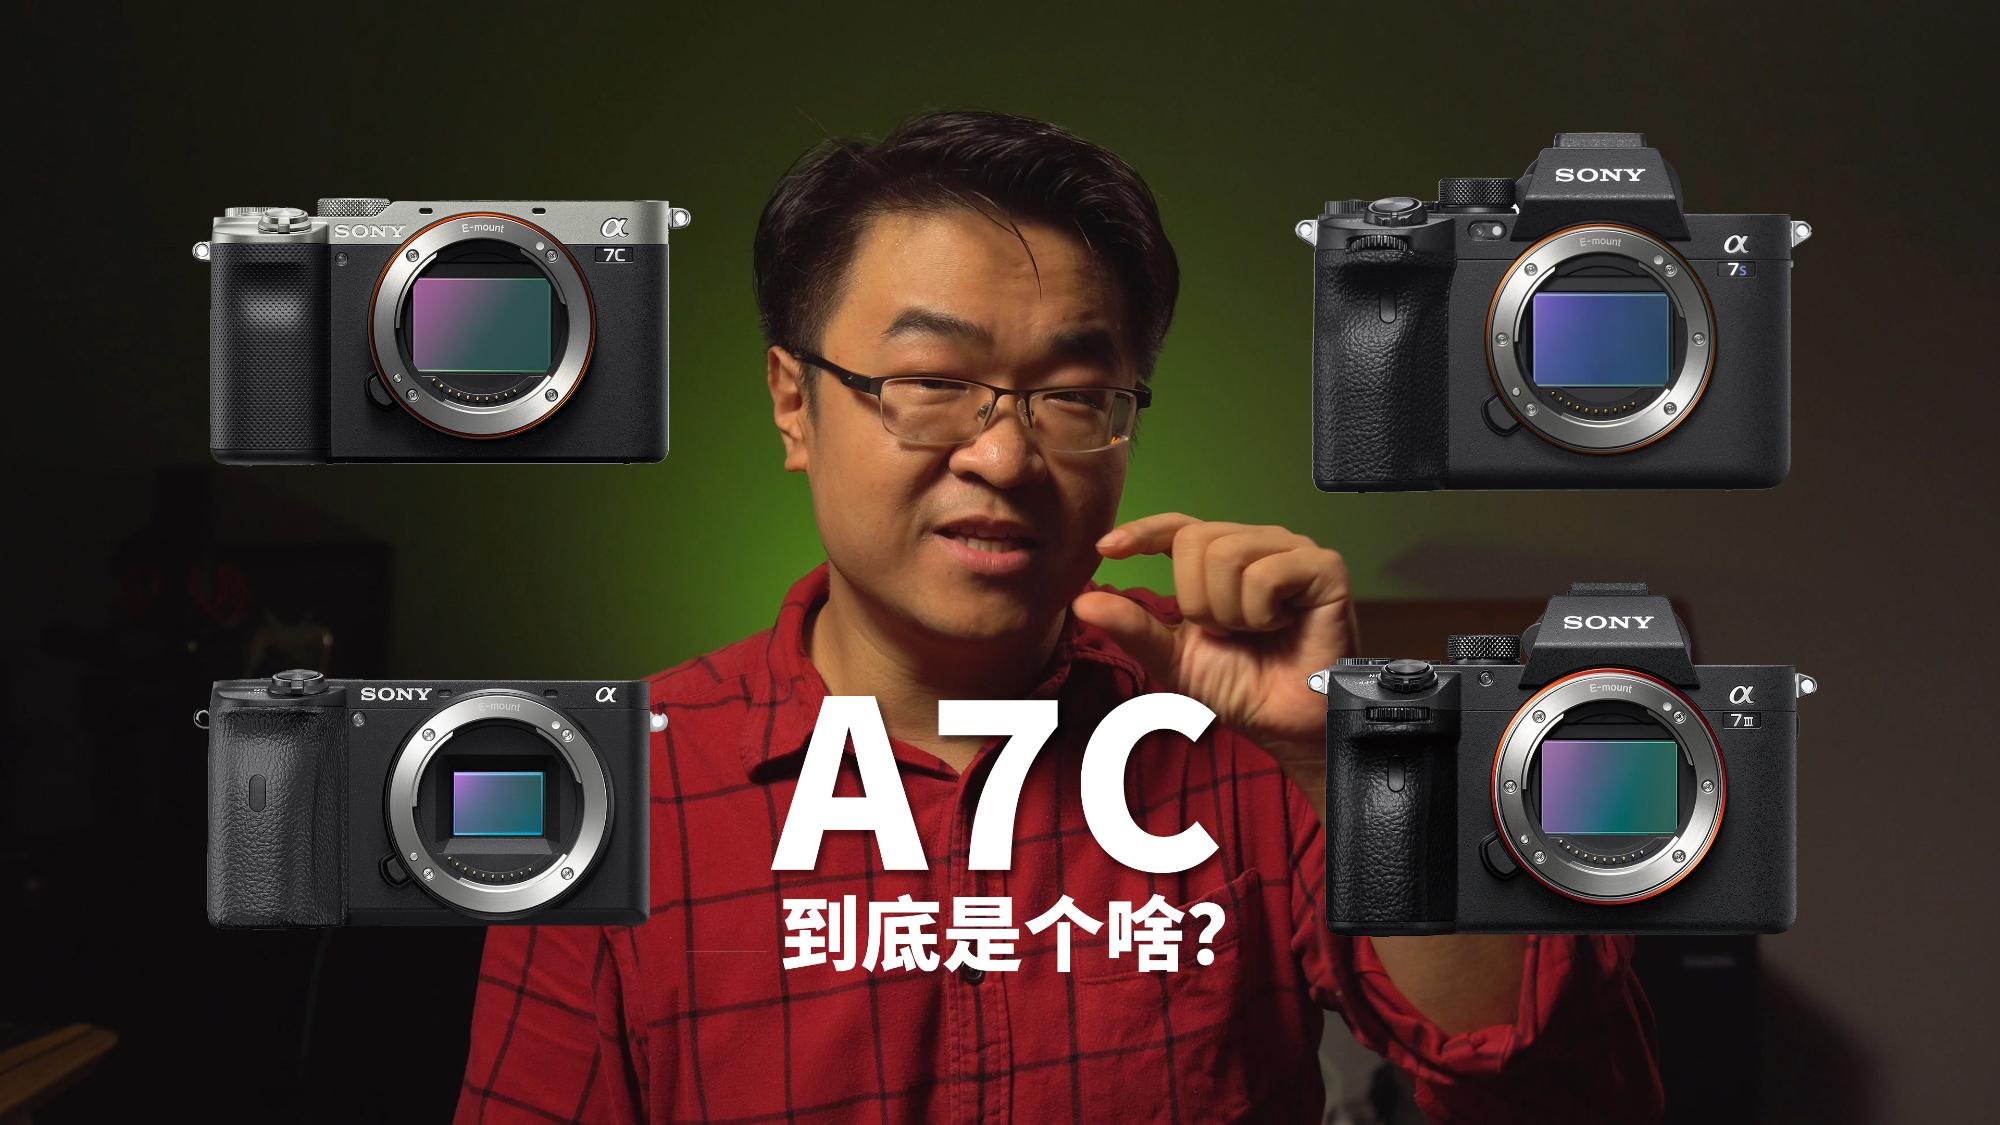 soso云评测 索尼A7c售价1.25万?缩水A7m3?全画幅6600?@Sofronio